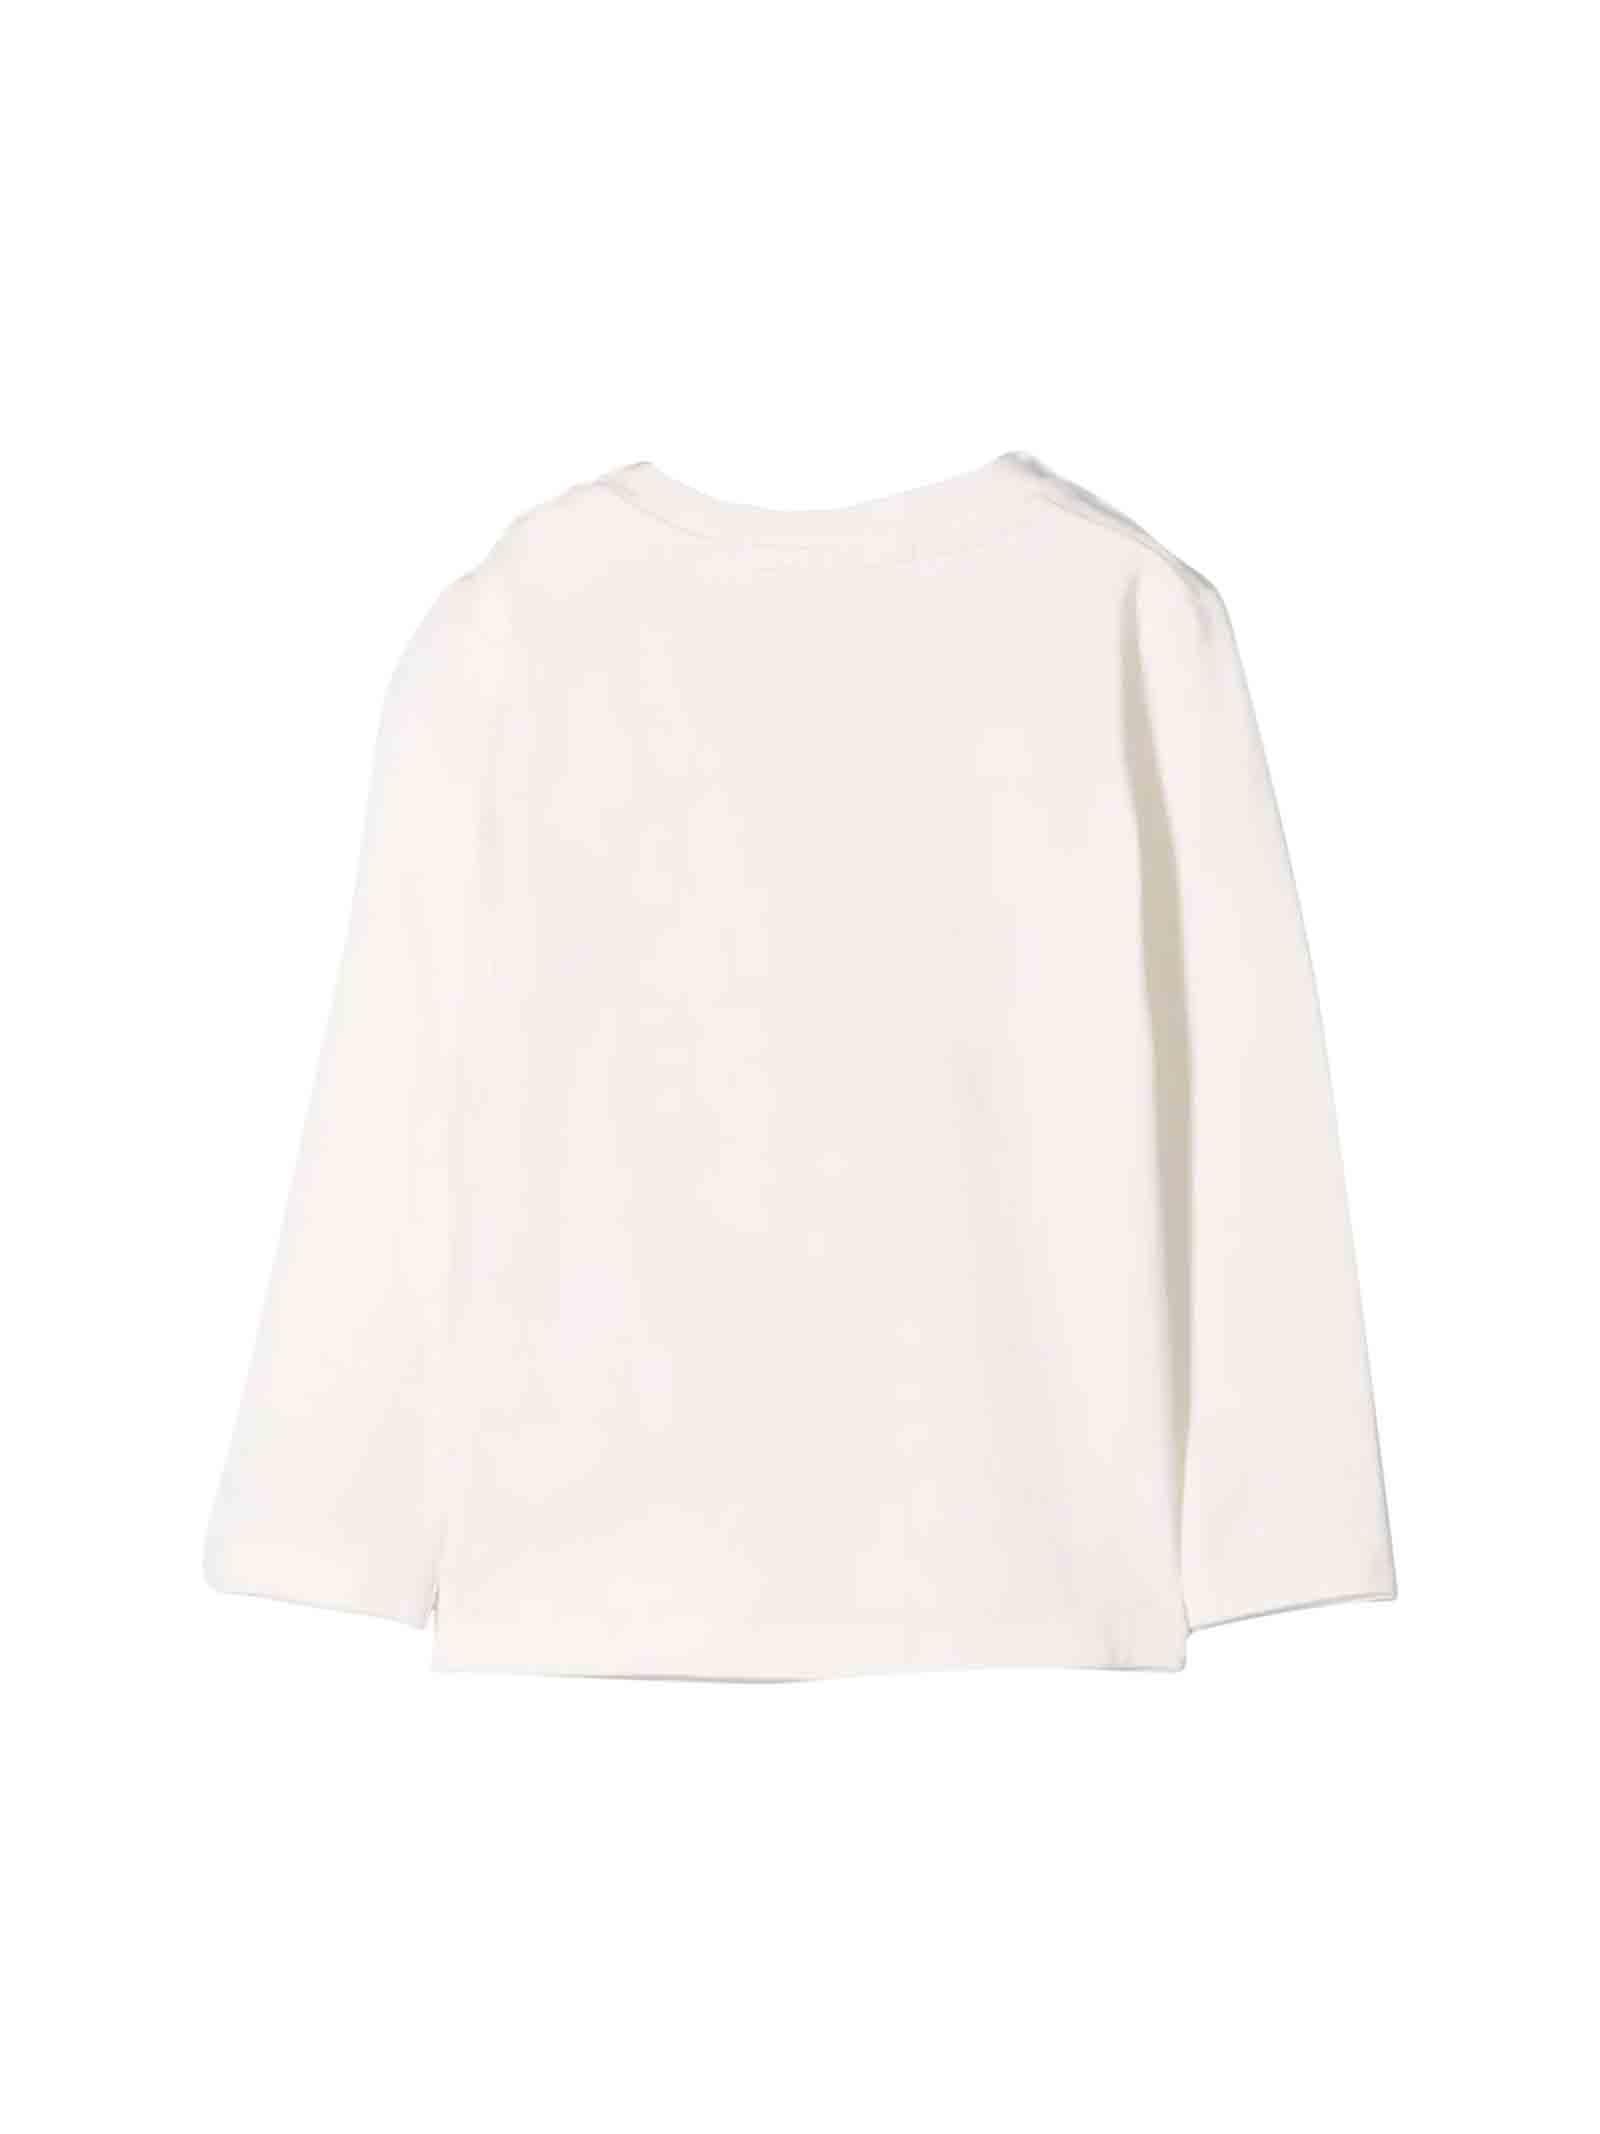 White MSGM kids t-shirt  MSGM KIDS | 7 | 020985002